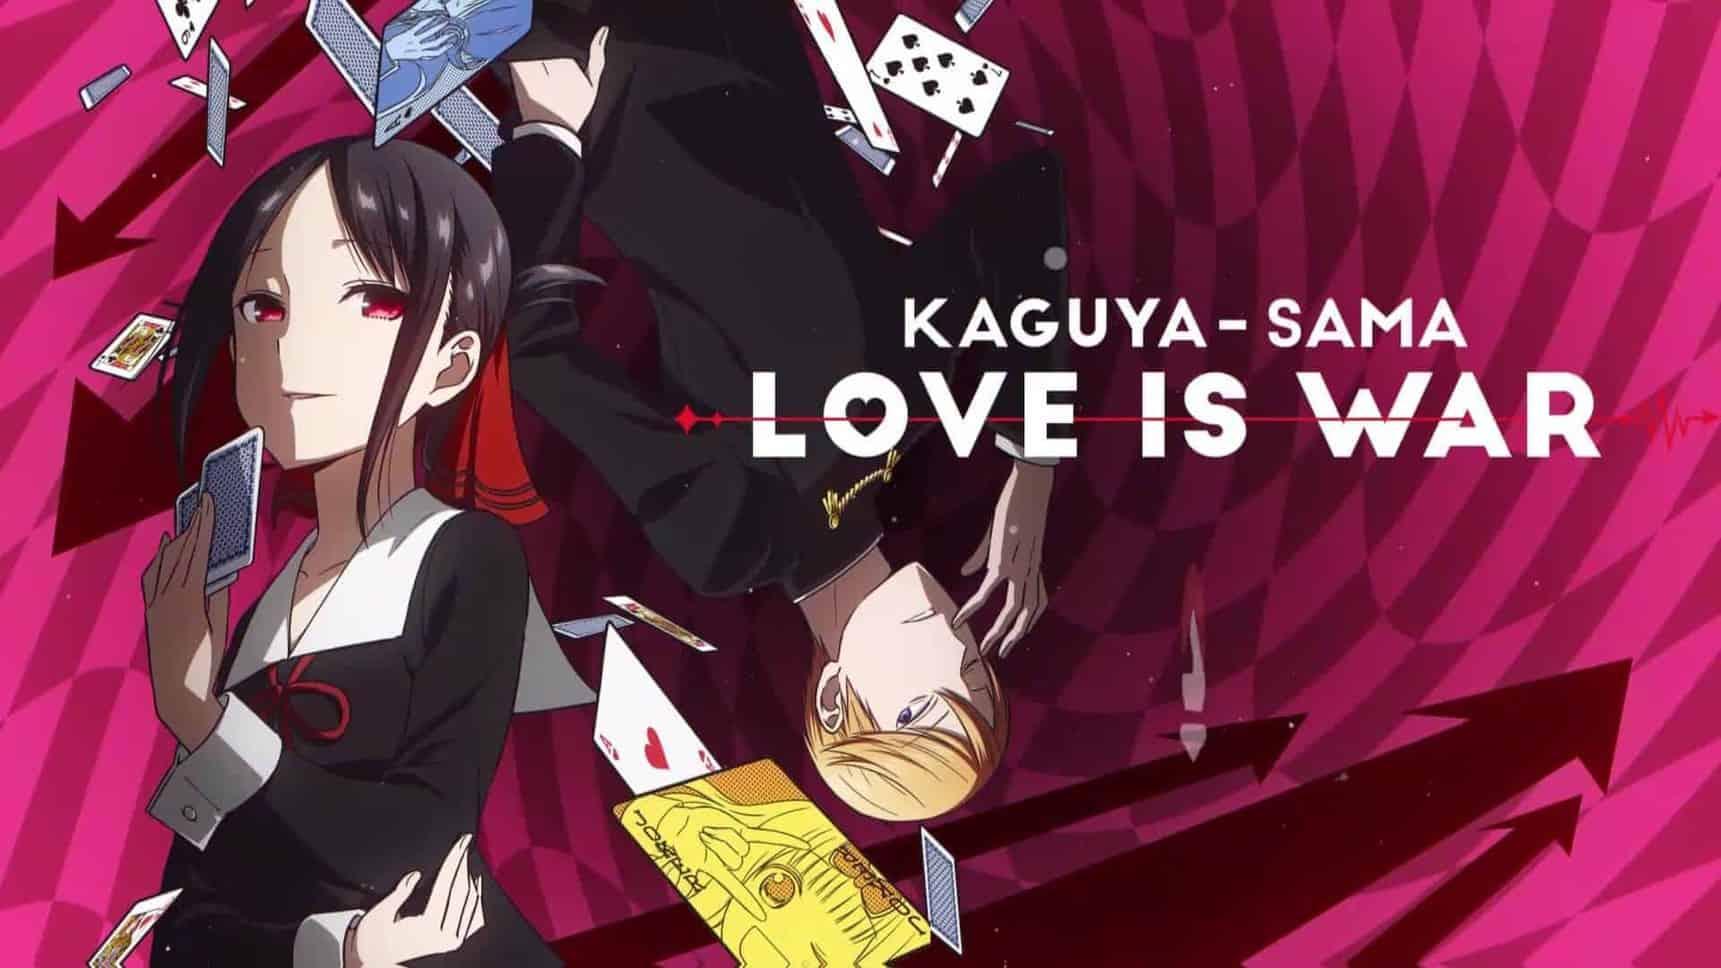 Kaguya-sama Love is War third season